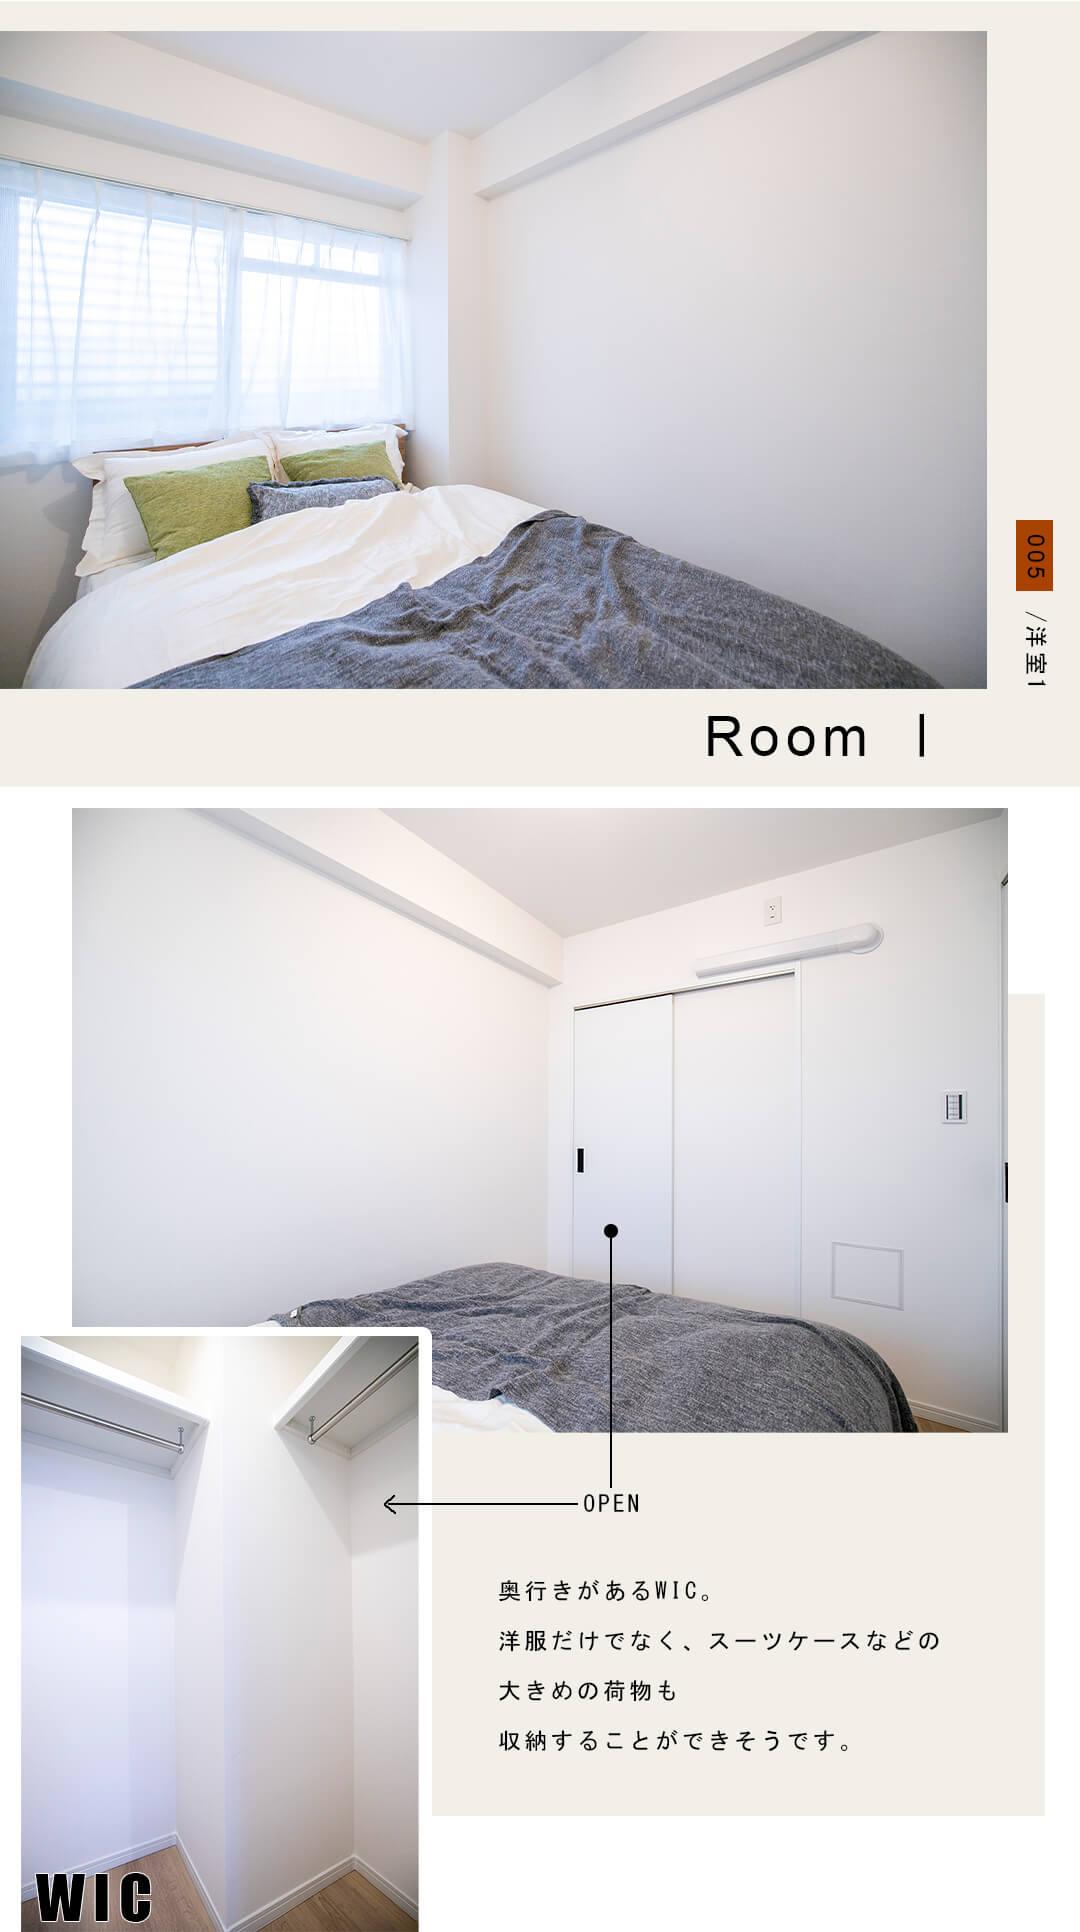 005洋室1,Room Ⅰ